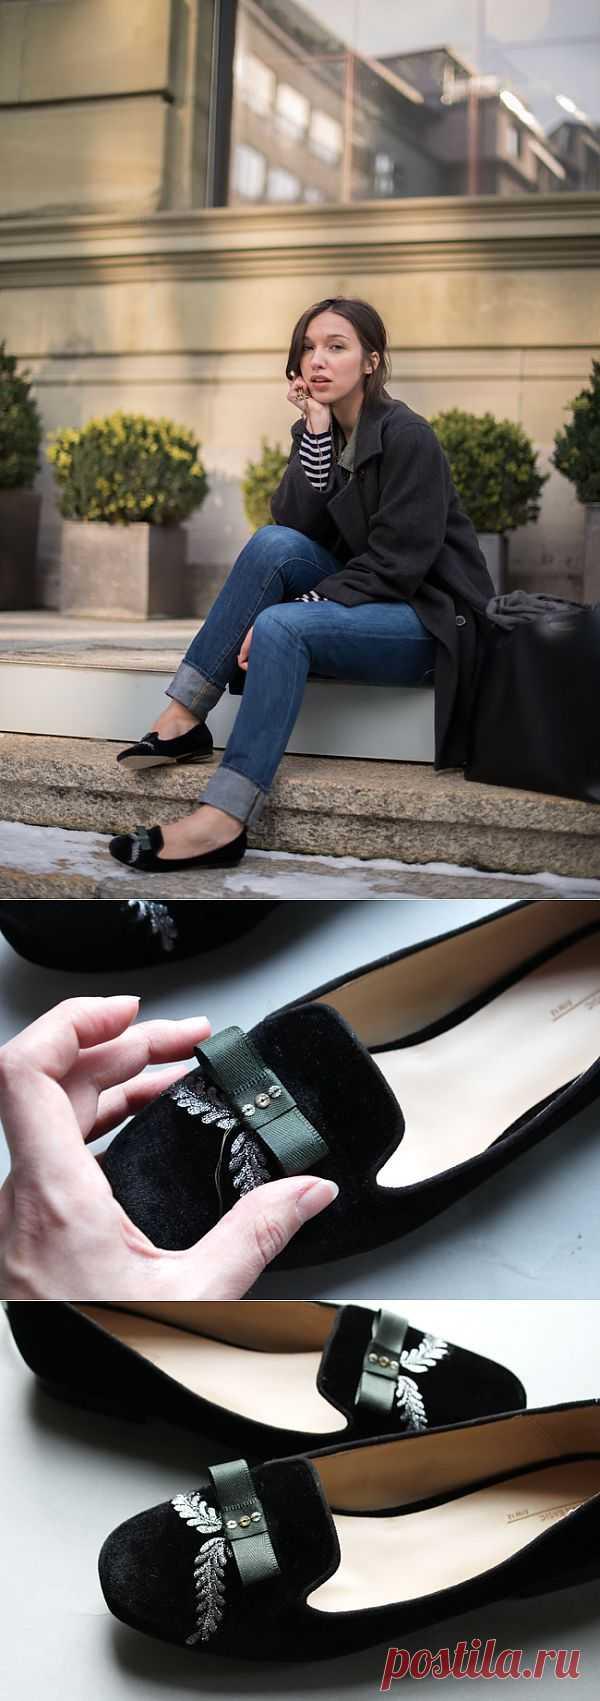 Туфли в стиле барокко (DIY) / Обувь / Модный сайт о стильной переделке одежды и интерьера